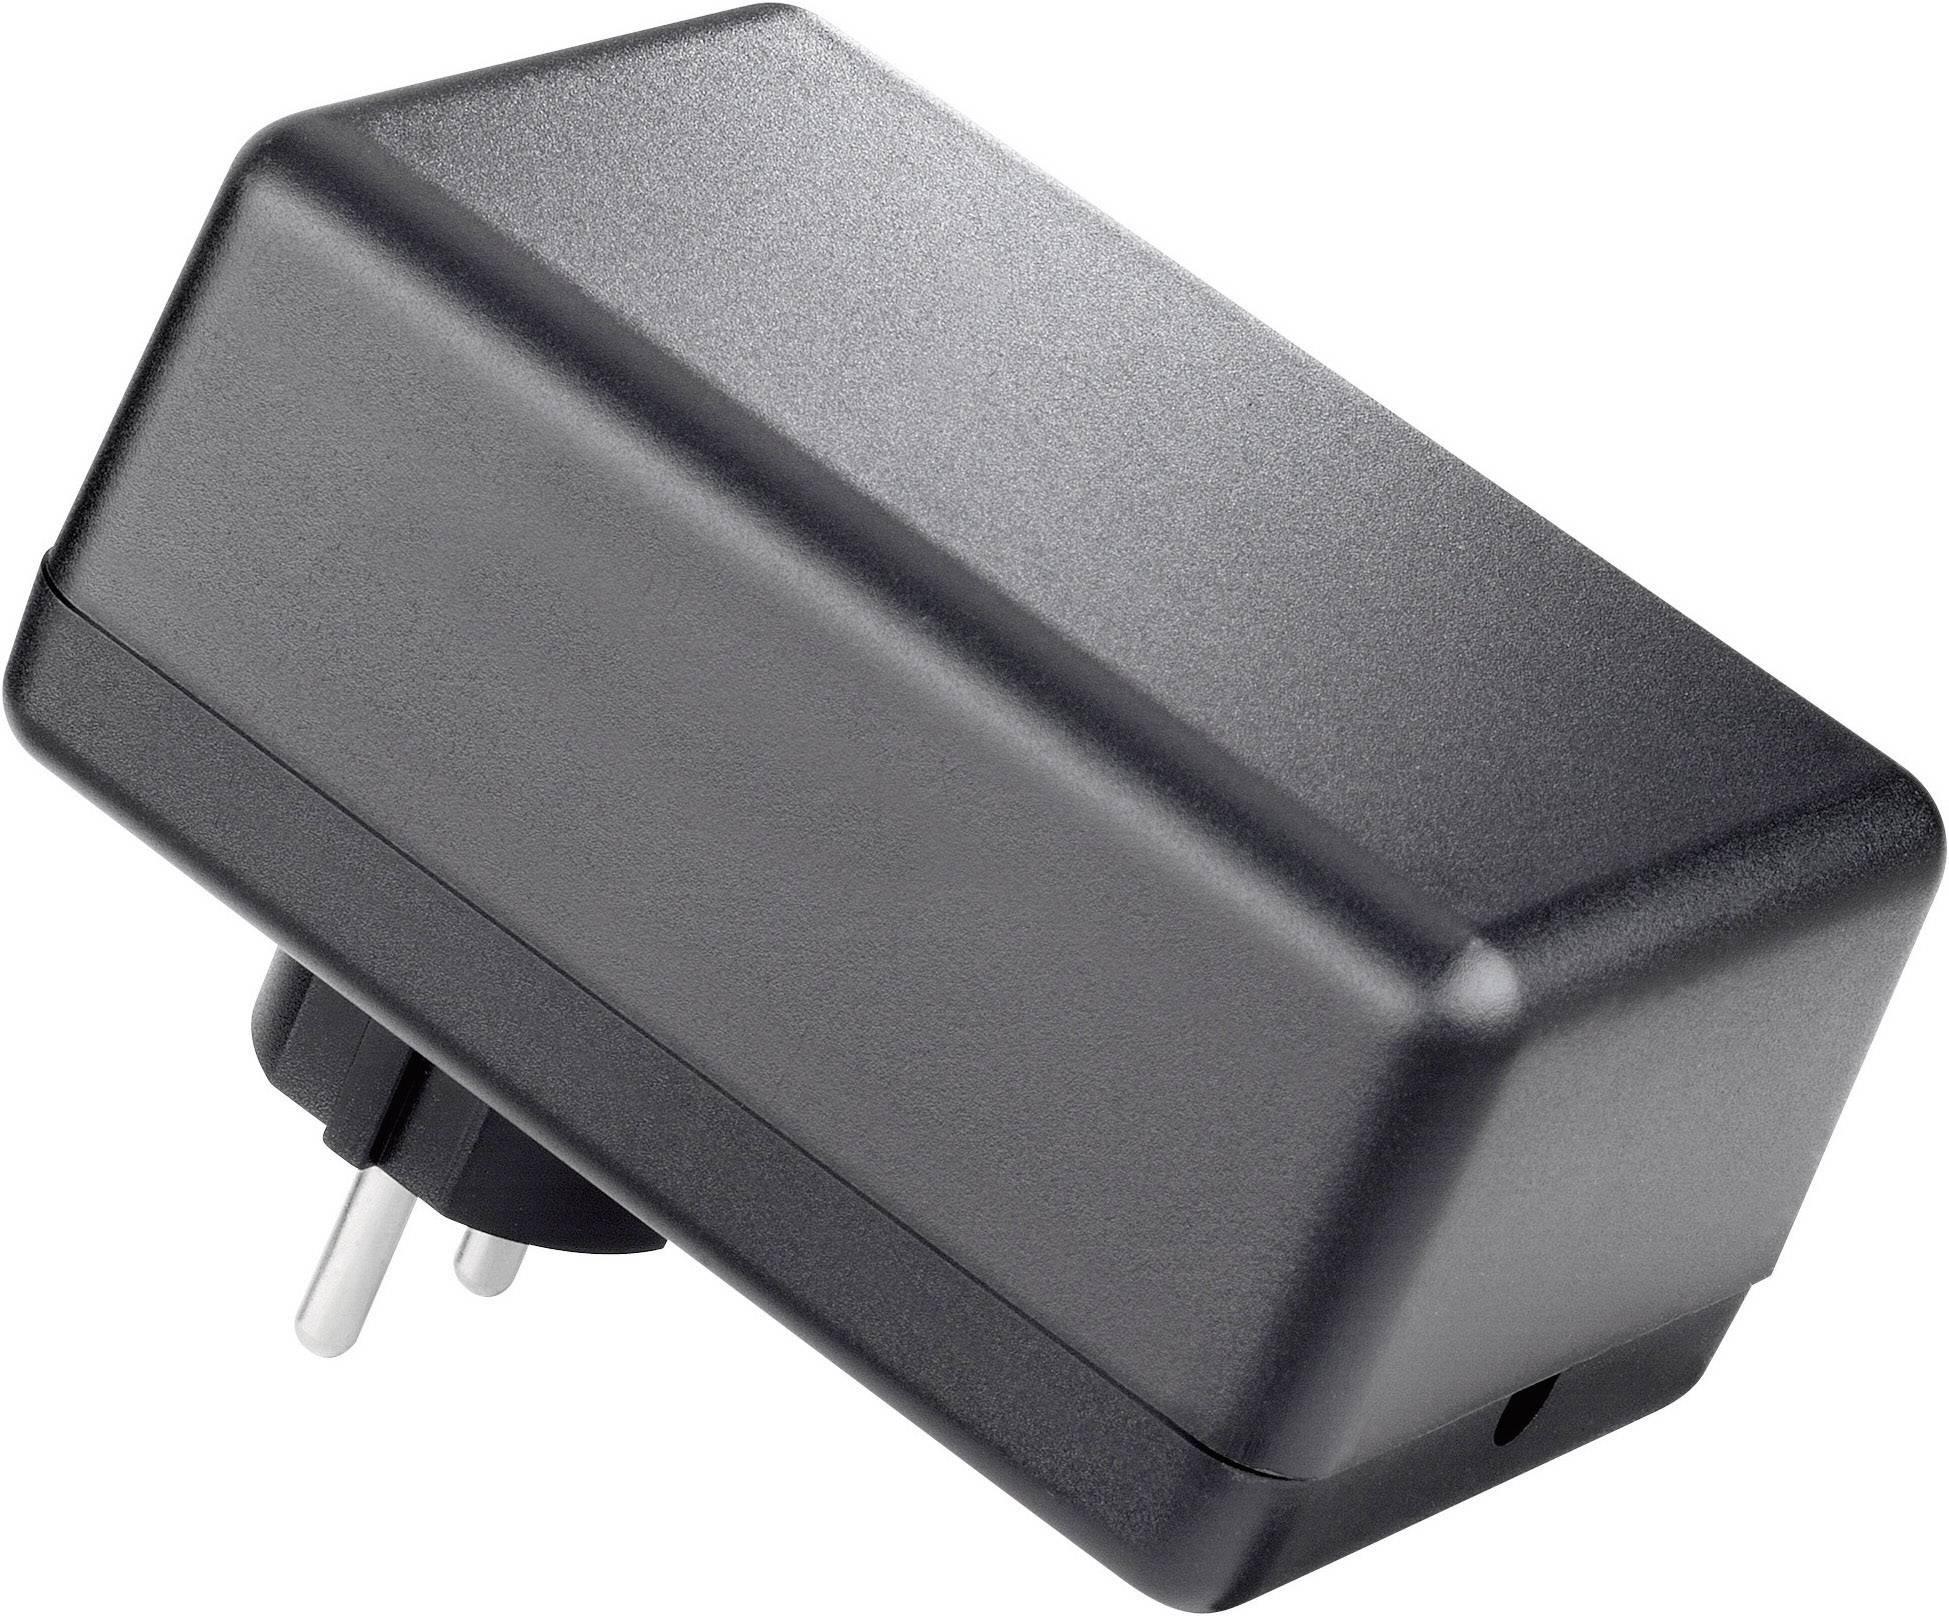 Puzdro na zástrčku Strapubox SG 421G, ABS, 113 x 69 x 55 , čierna, 1 ks